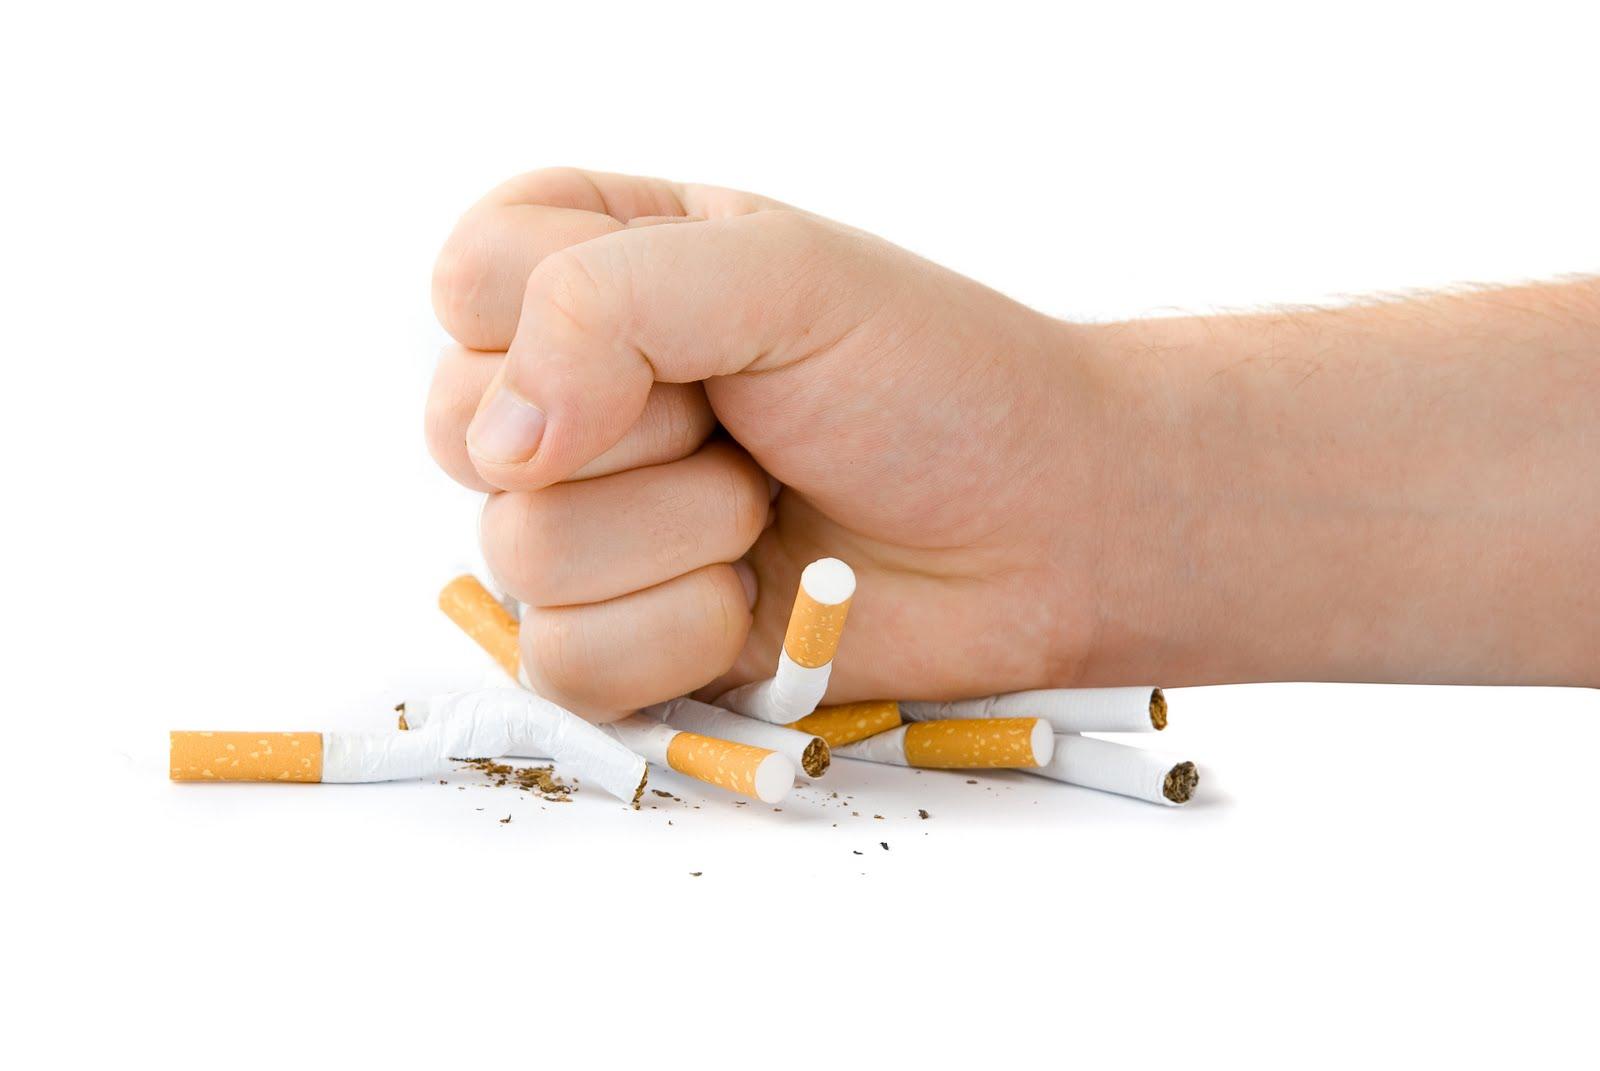 بالفيديو جراف أهم 6 أسئلة تدور فى ذهن المدخن لأول مرة اعرف قبل ما تجرب اليوم السابع